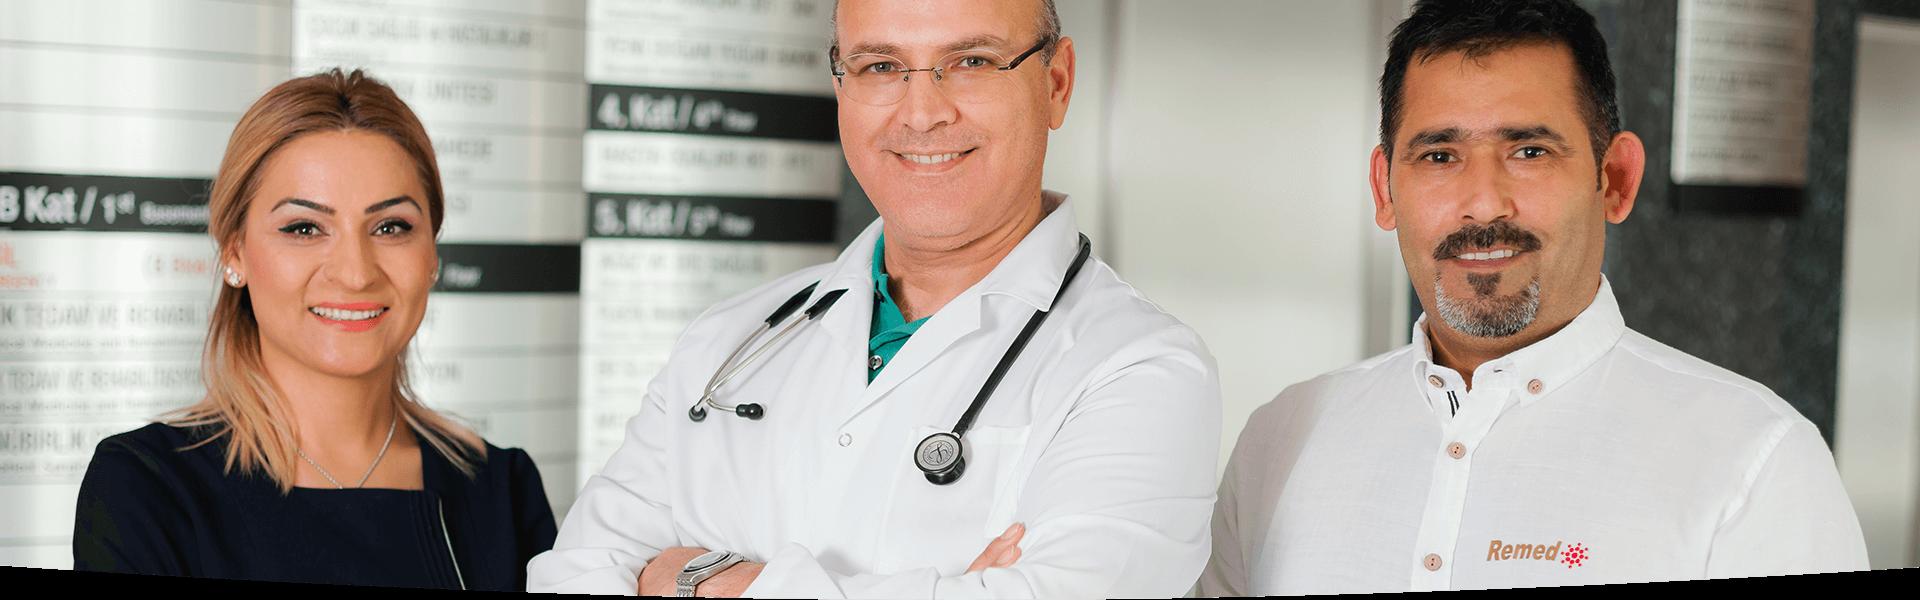 Les Meilleurs Médecins, Les Meilleurs Soins Médicaux.